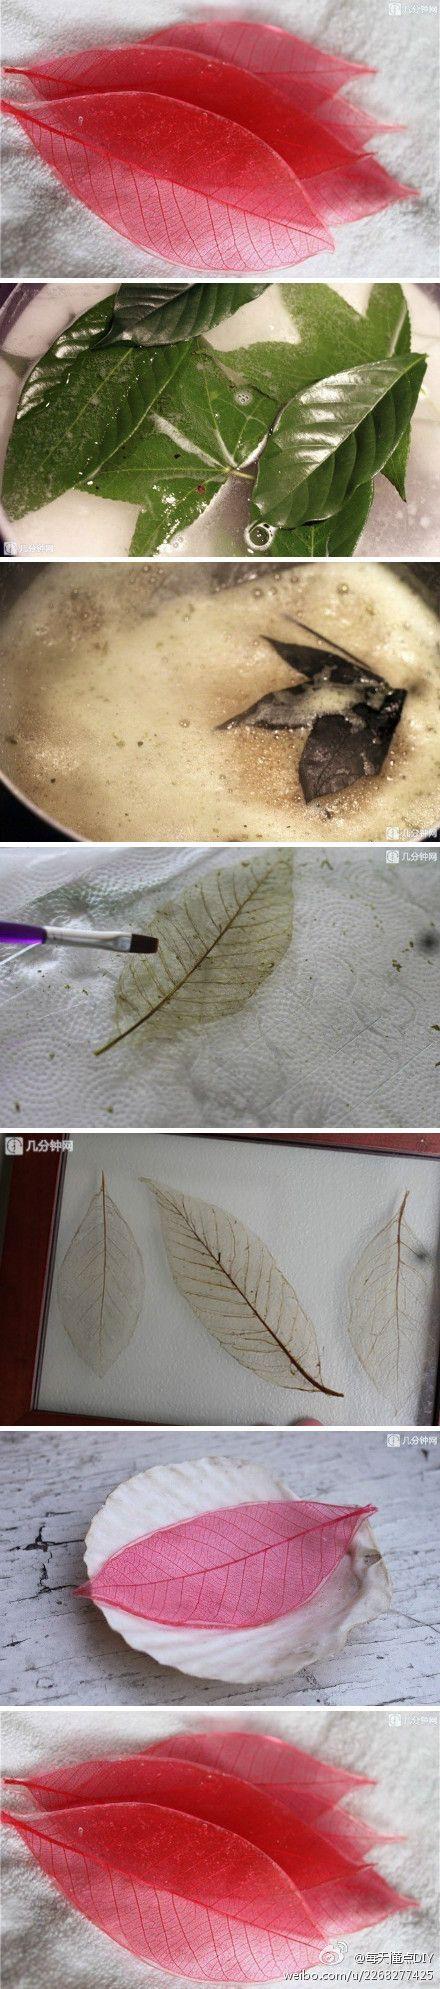 收集一些较厚较硬的叶子,用碱水煮去叶肉,留下叶子的脉络,再用加了颜料的松香或别的材料进行定型,就是一件精美的艺术品啦,想不想试试?